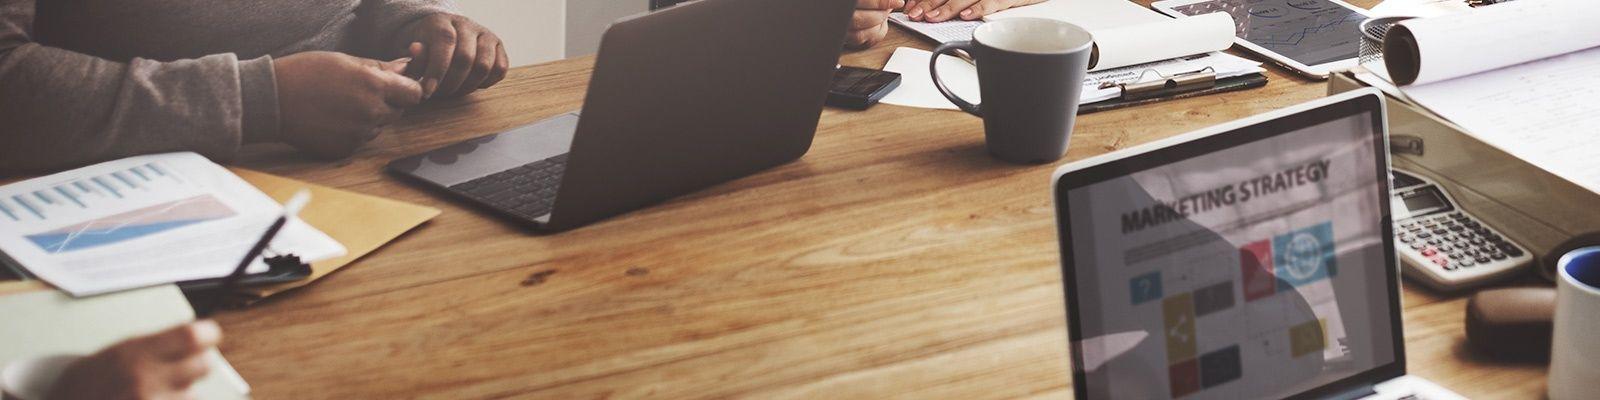 manobyte-tips-for-planning-your-2018-digital-marketing-strategies-header.jpg